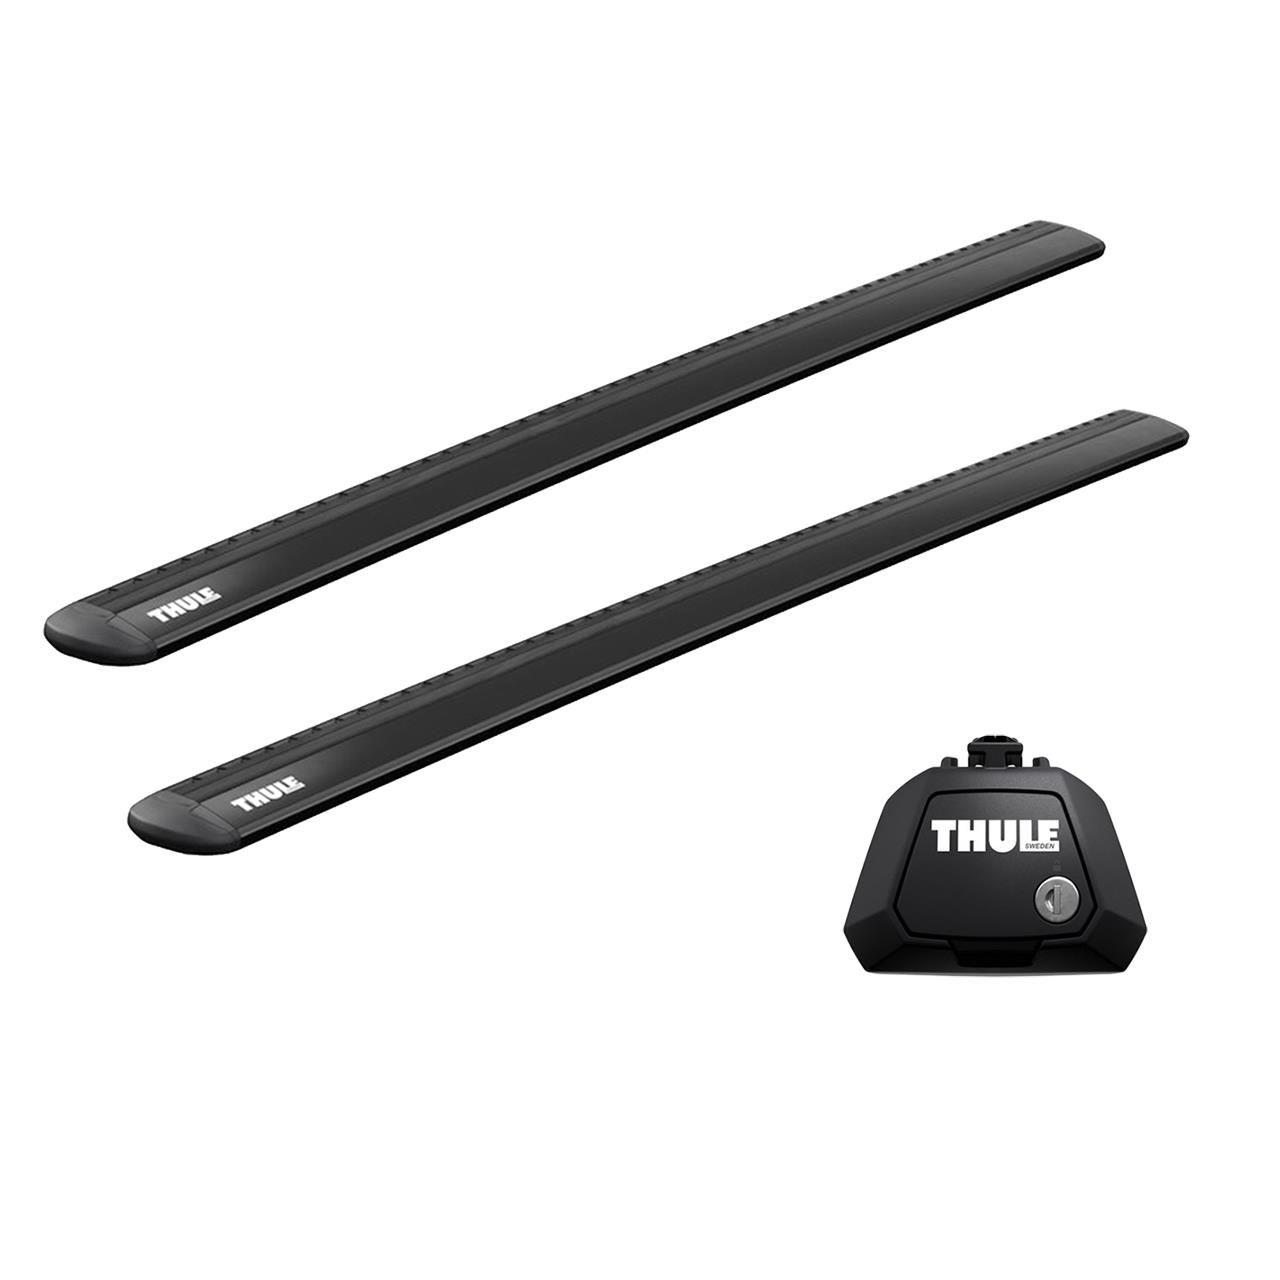 Напречни греди Thule Evo Raised Rail WingBar Evo 127cm в Черно за MERCEDES GL (X164) 5 врати SUV 06-12 с фабрични надлъжни греди с просвет 1